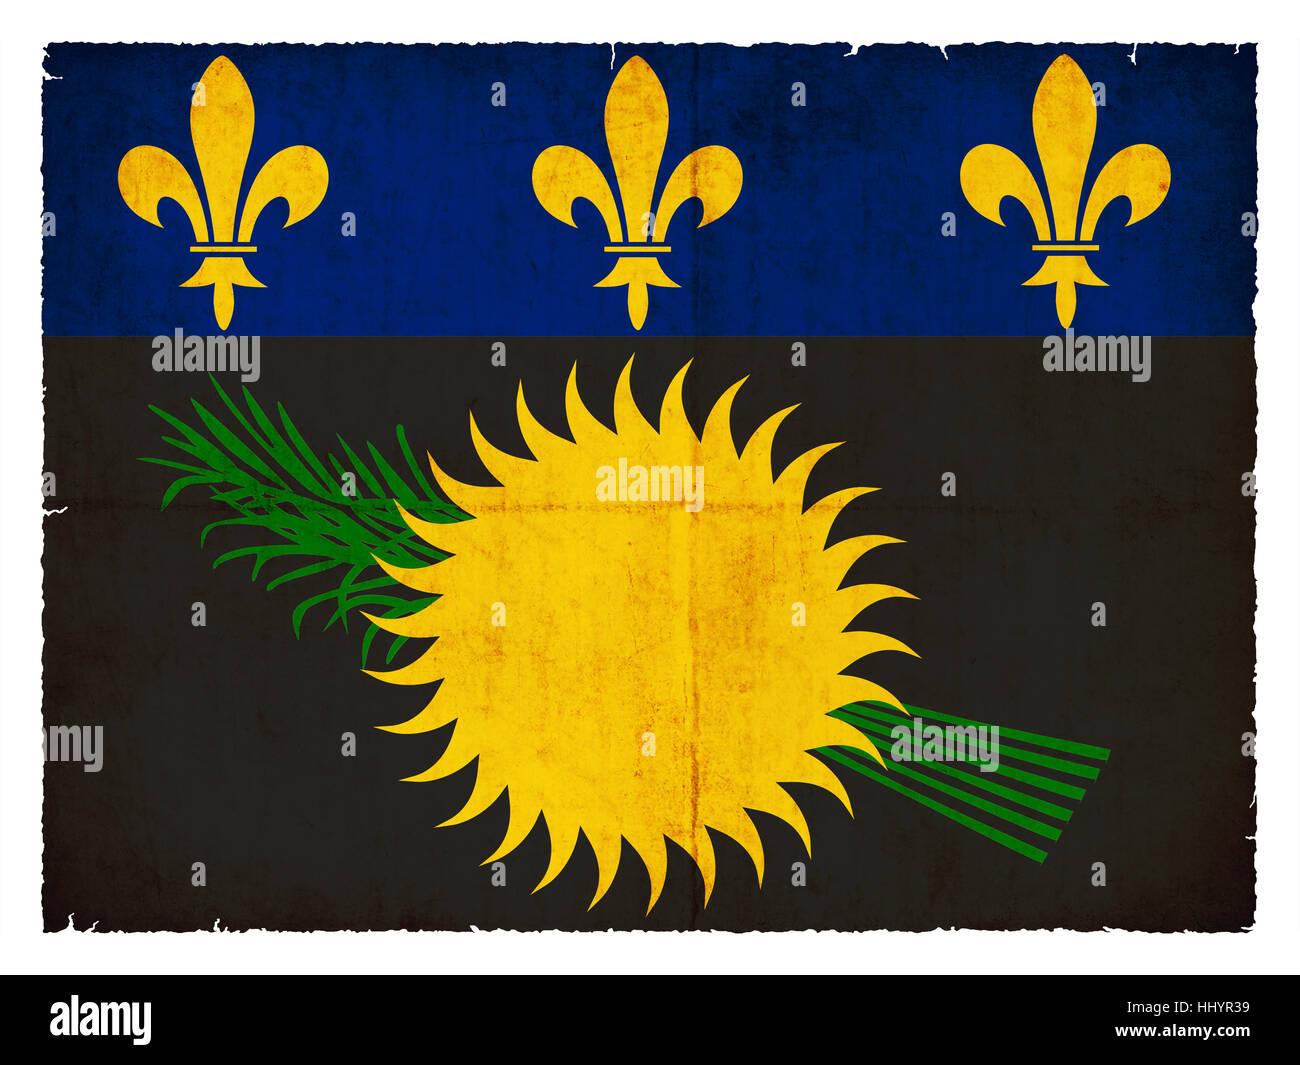 drapeau franais de style de meubles anciens de lamrique centrale dun drapeau les sols antilles